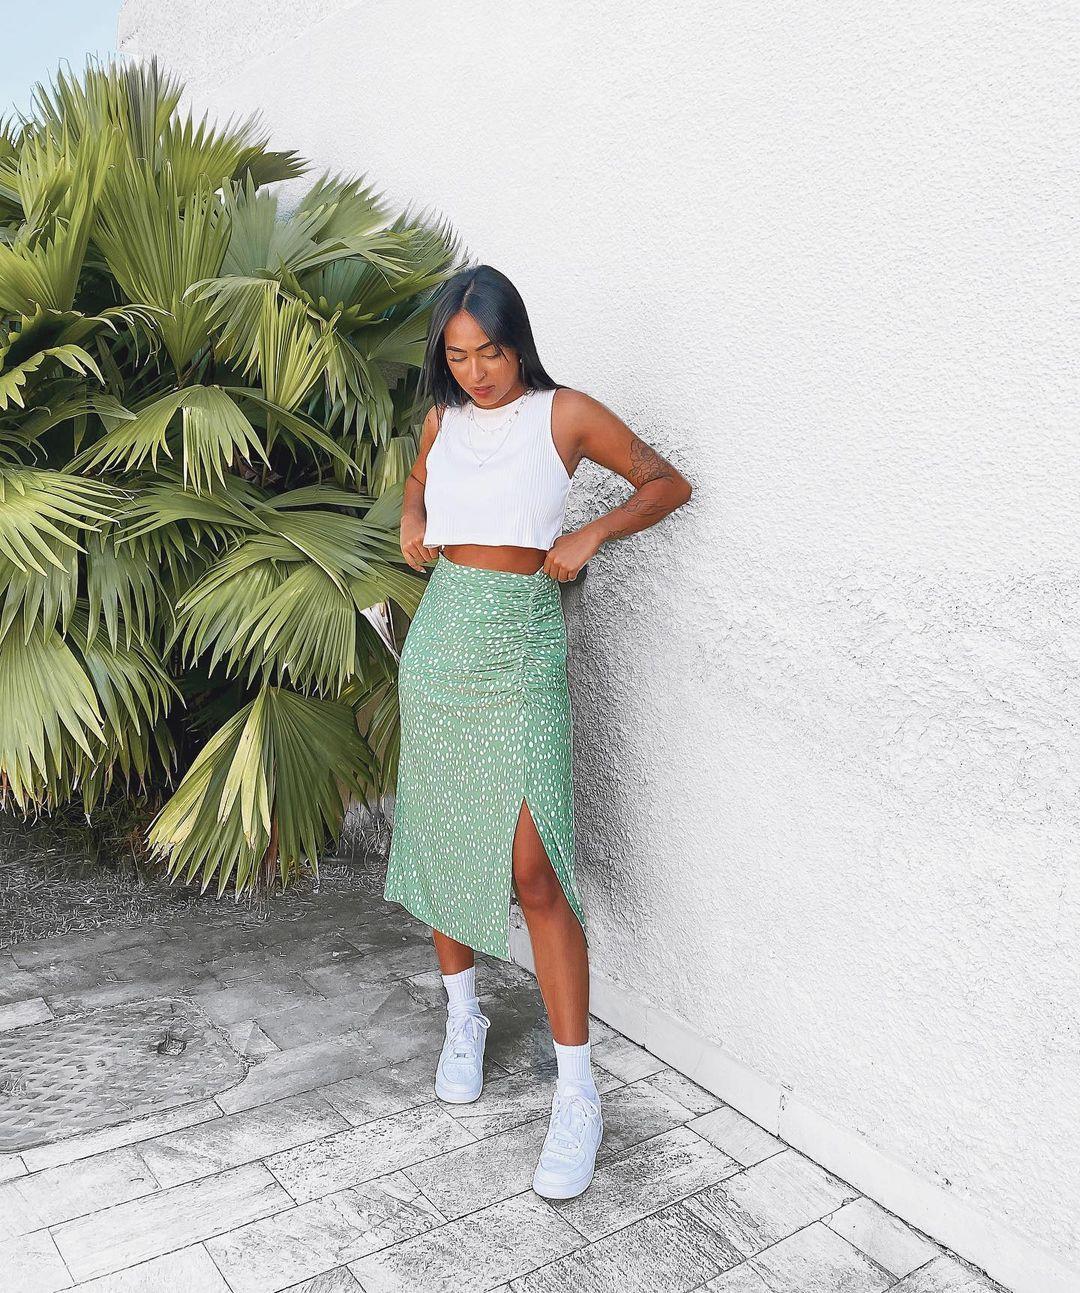 Garota usando top cropped branco com saia midi verde com bolinhas brancas e tênis e meia brancos. Ela está olhando para baixo com as duas mãos arrumando a blusa.